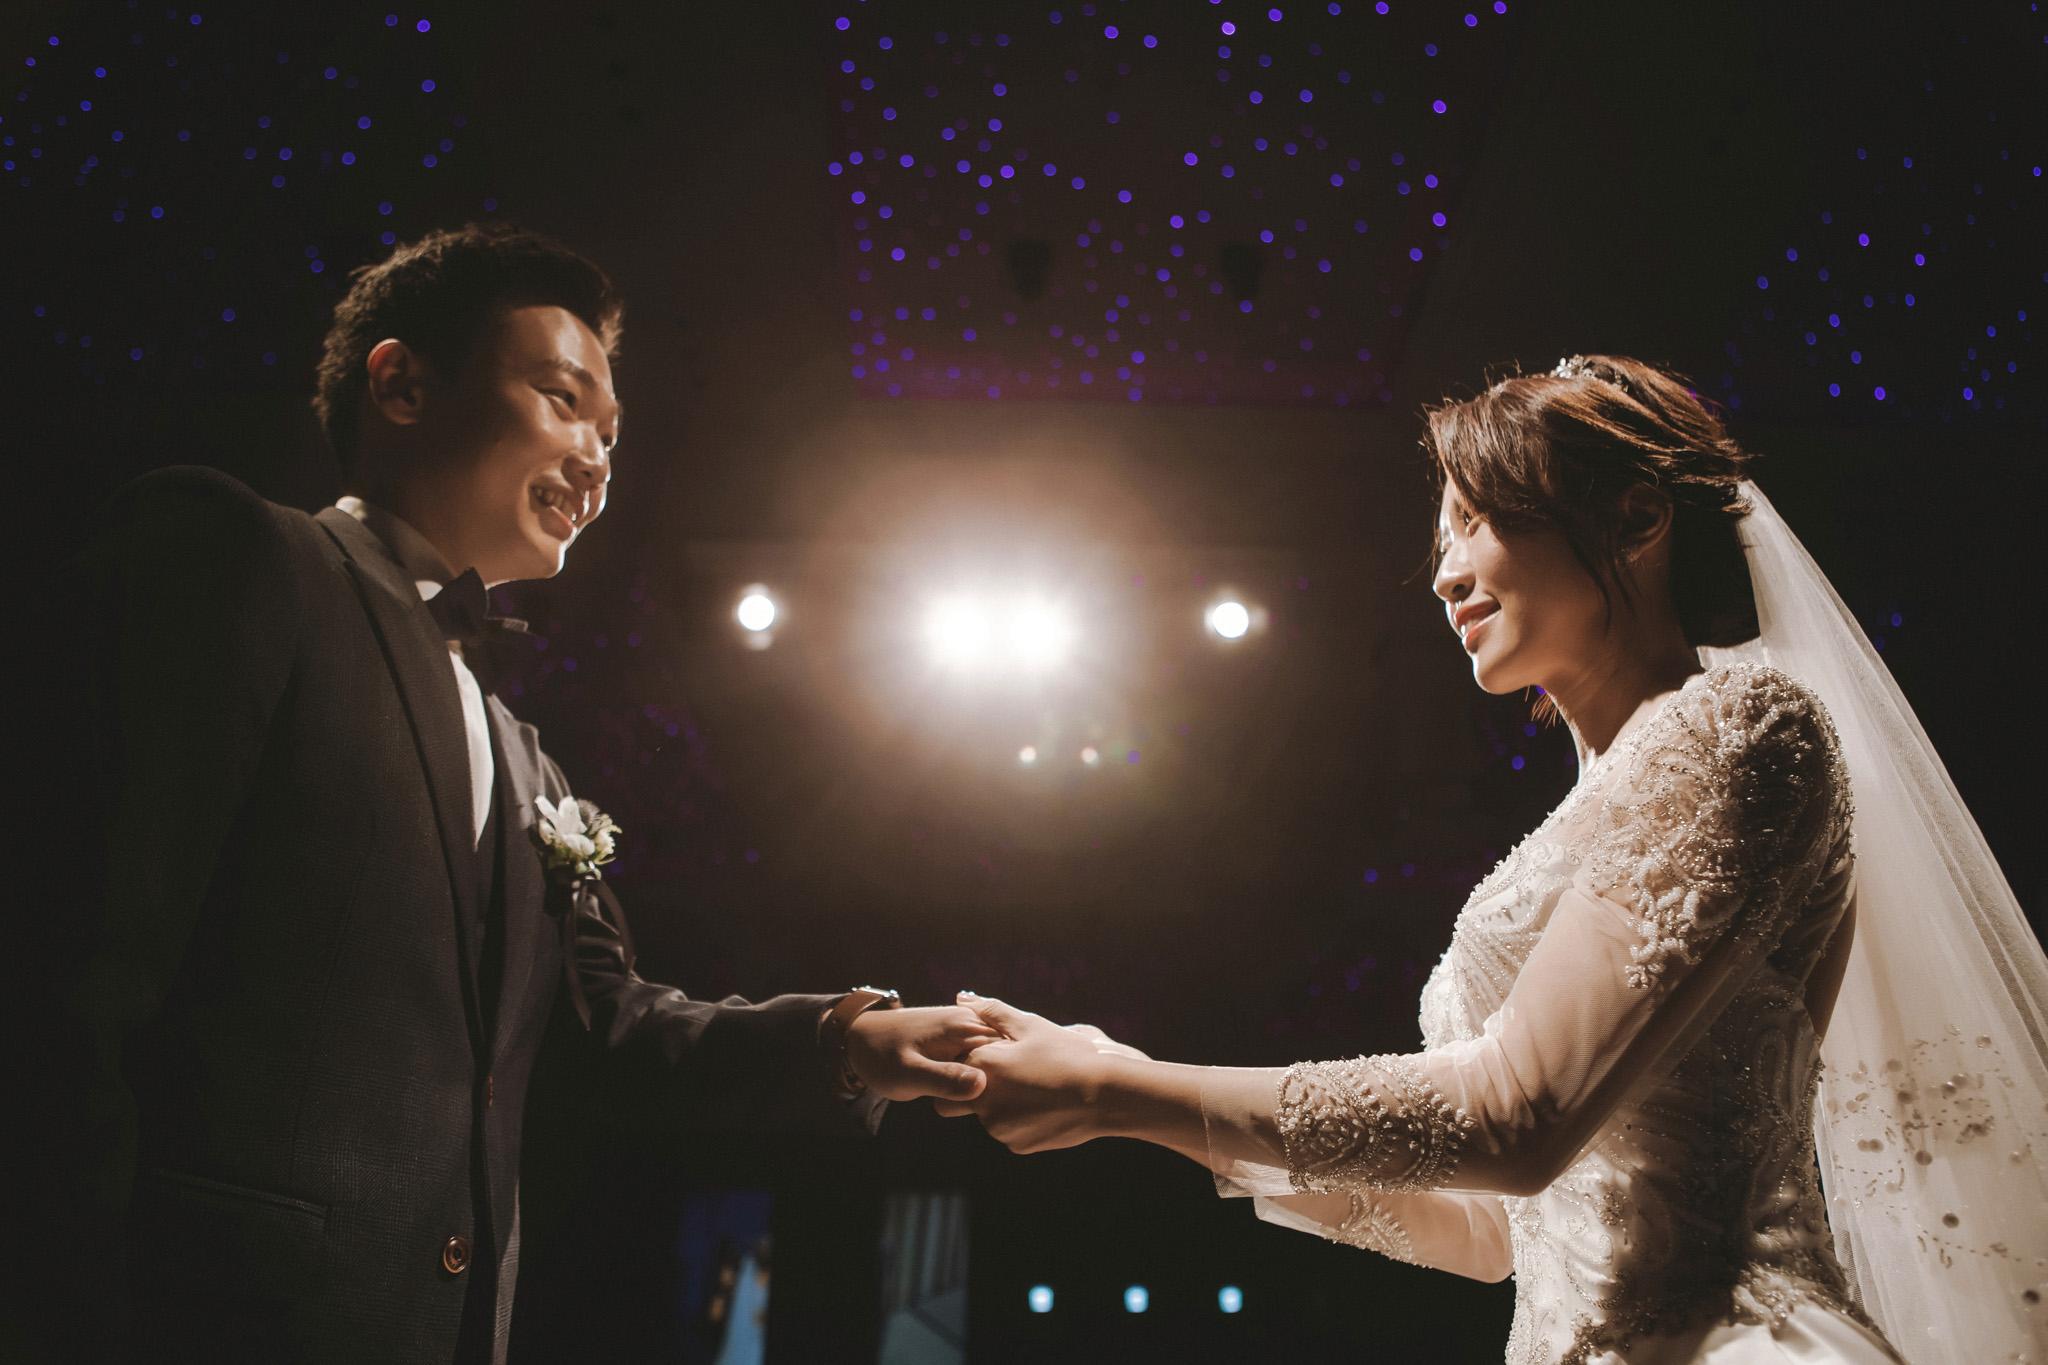 EW 居米 台北婚宴 台北婚紗 台北婚攝 國泰萬怡 台北婚禮 -36